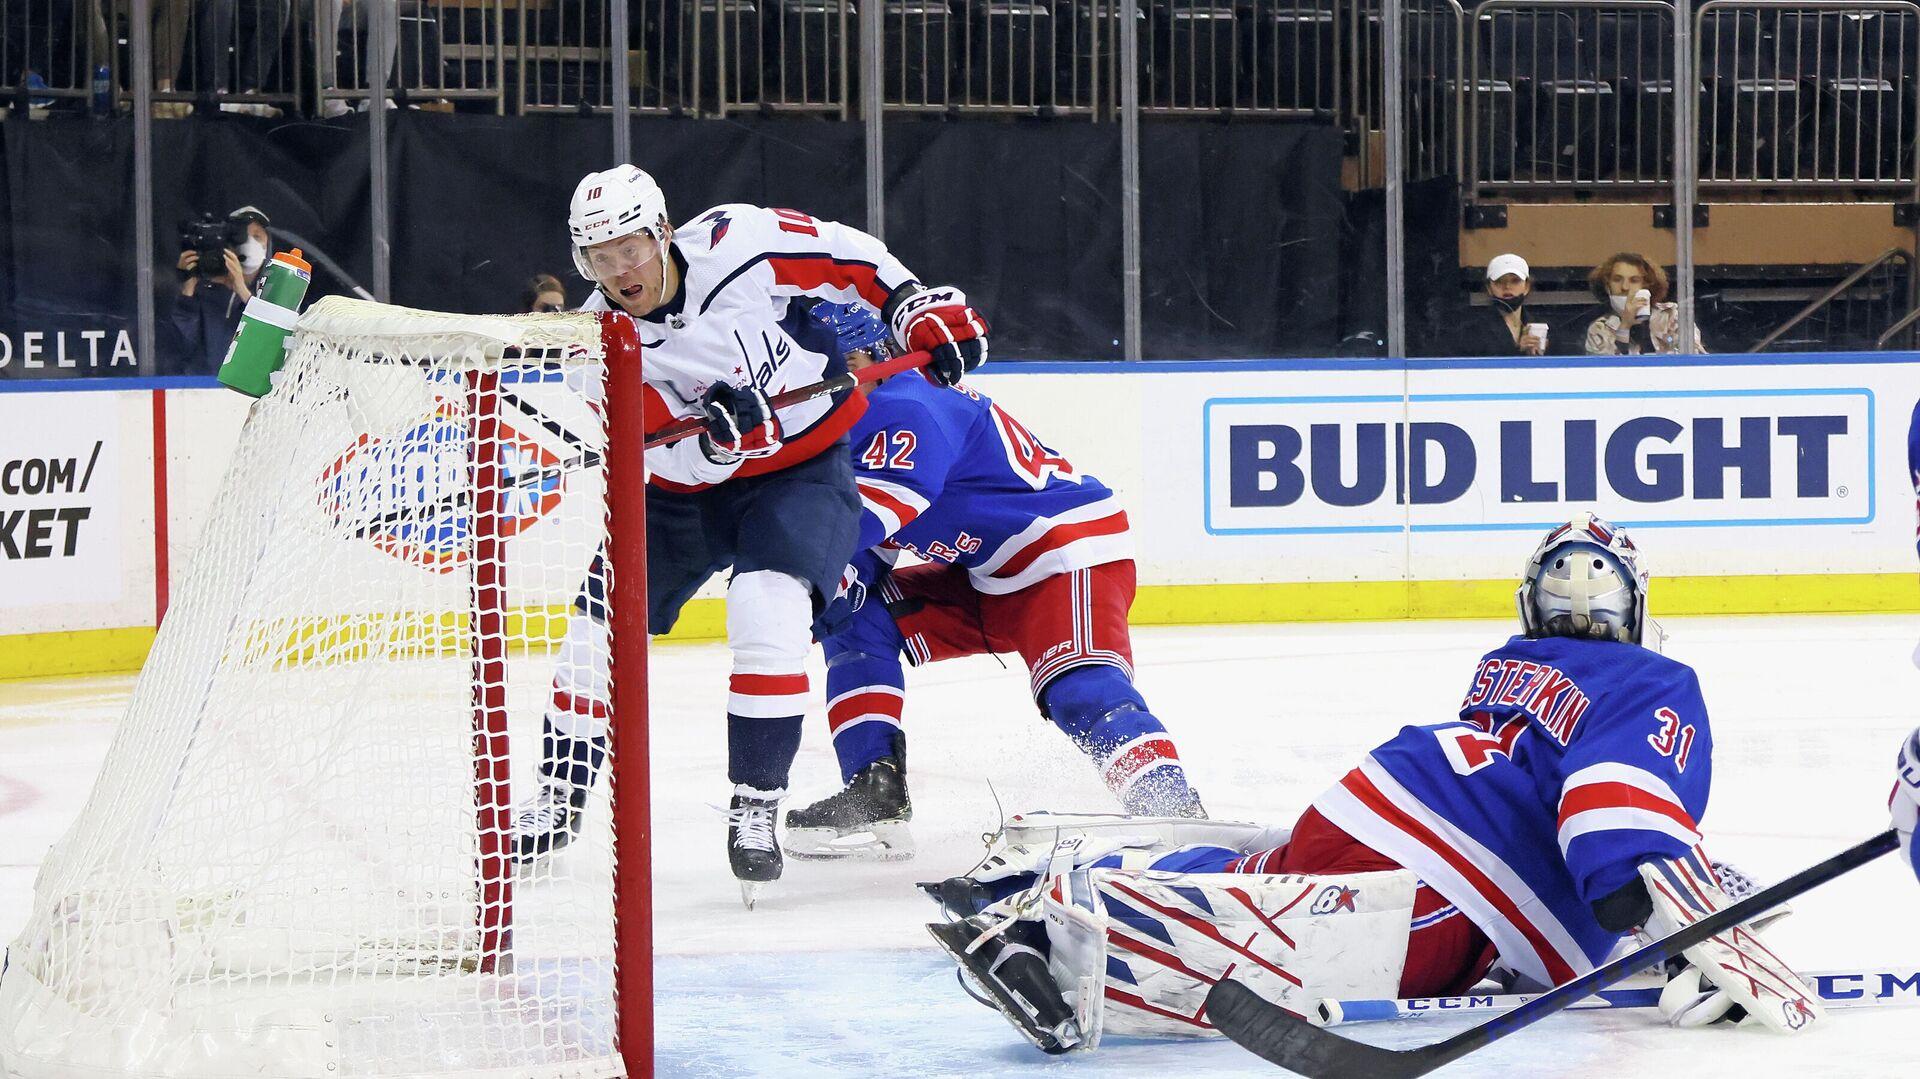 Игровой момент матча НХЛ  Нью-Йорк Рейнджерс - Вашингтон Кэпиталз  - РИА Новости, 1920, 04.05.2021